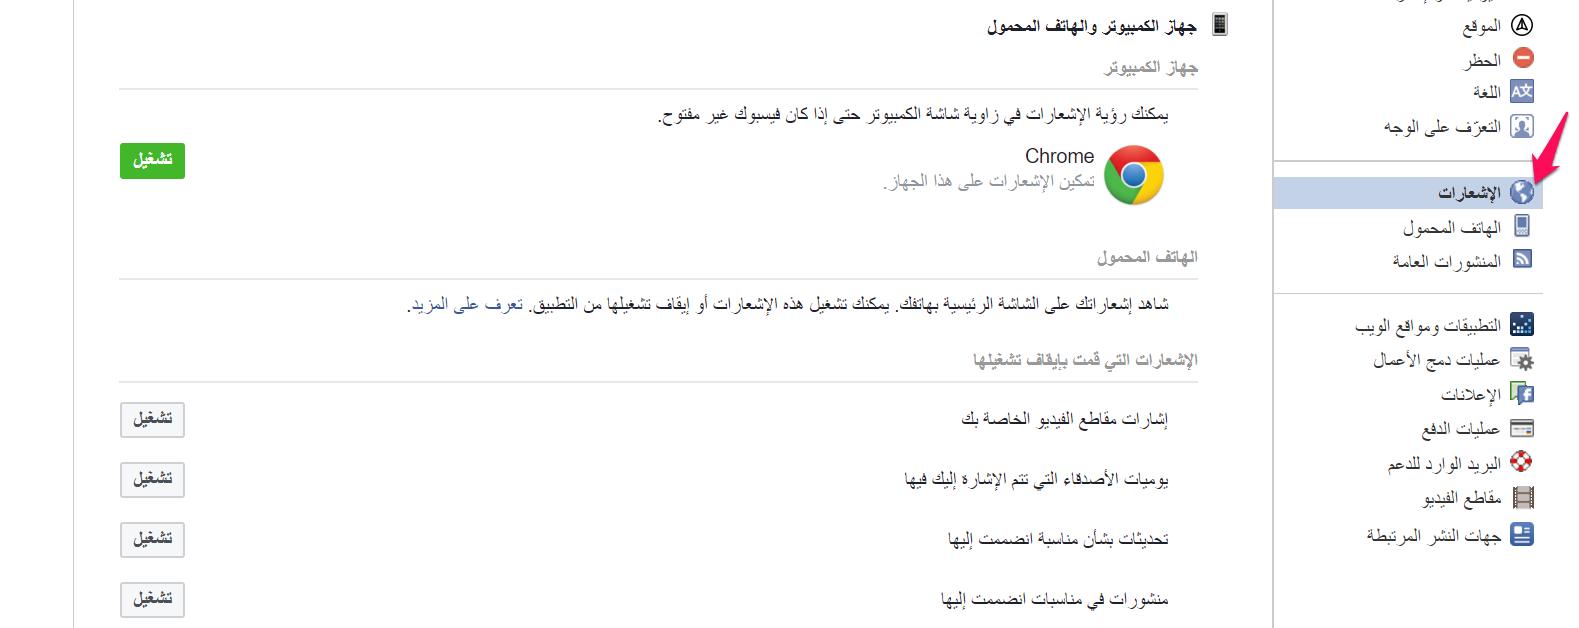 تخصيص إشعارات الفيسبوك الخاصة بك